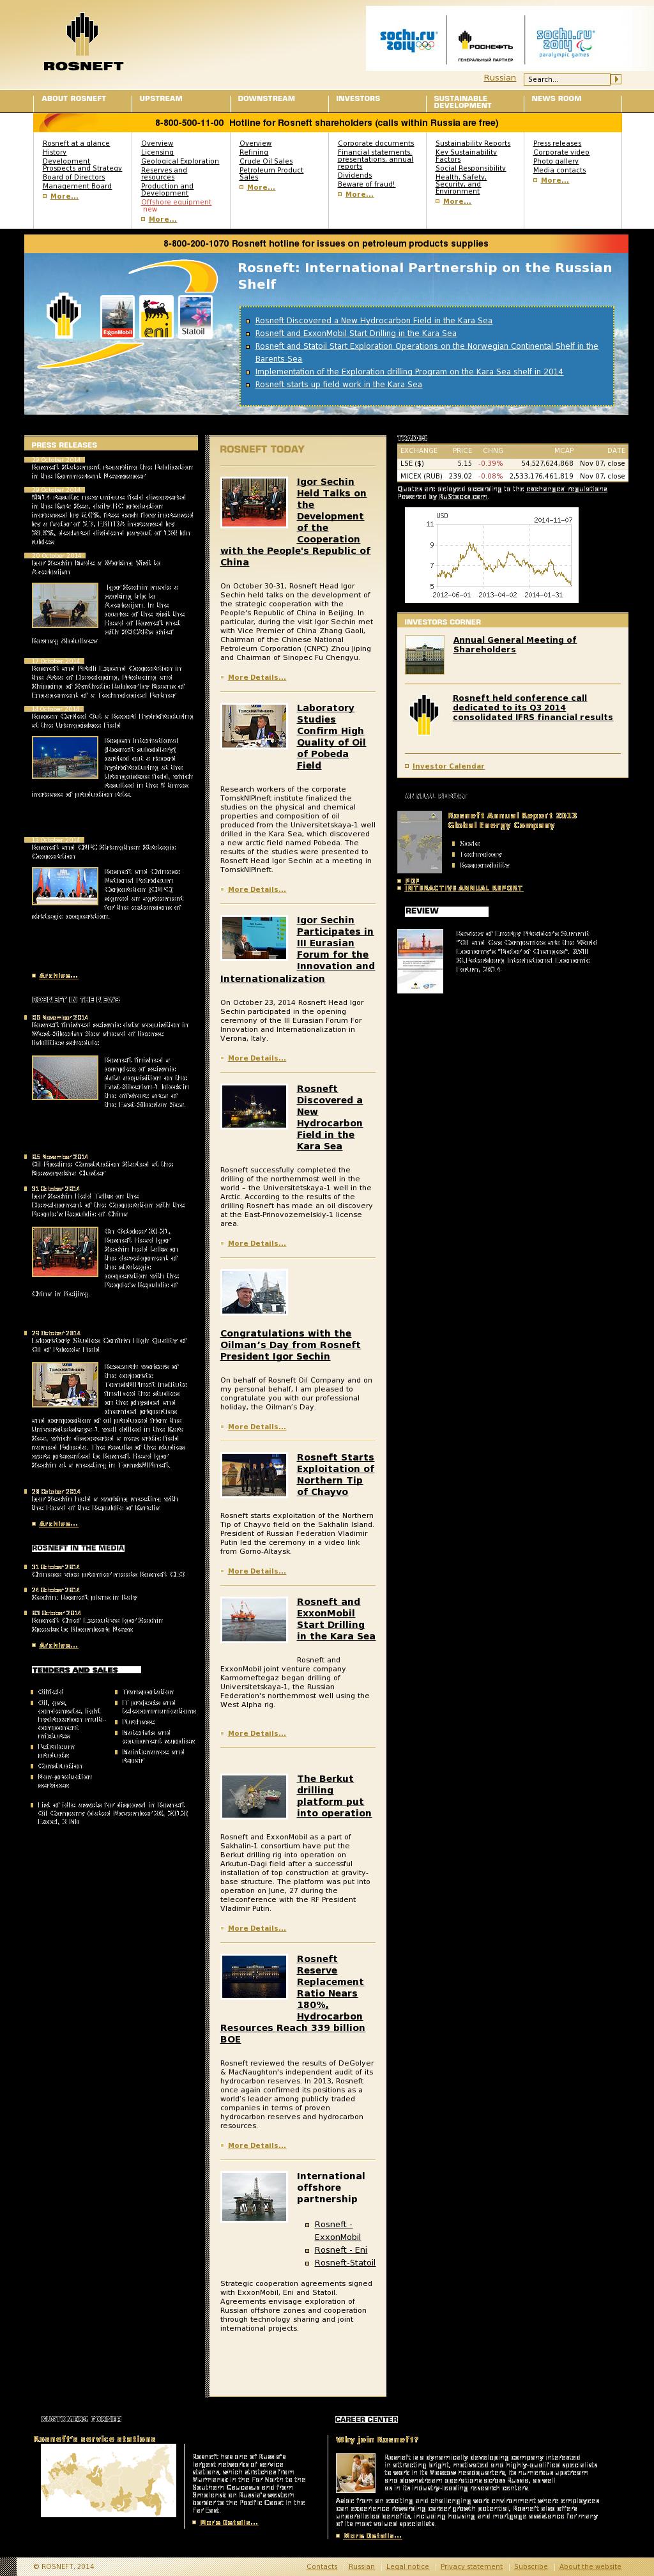 Oil Rosneft: customer reviews 40